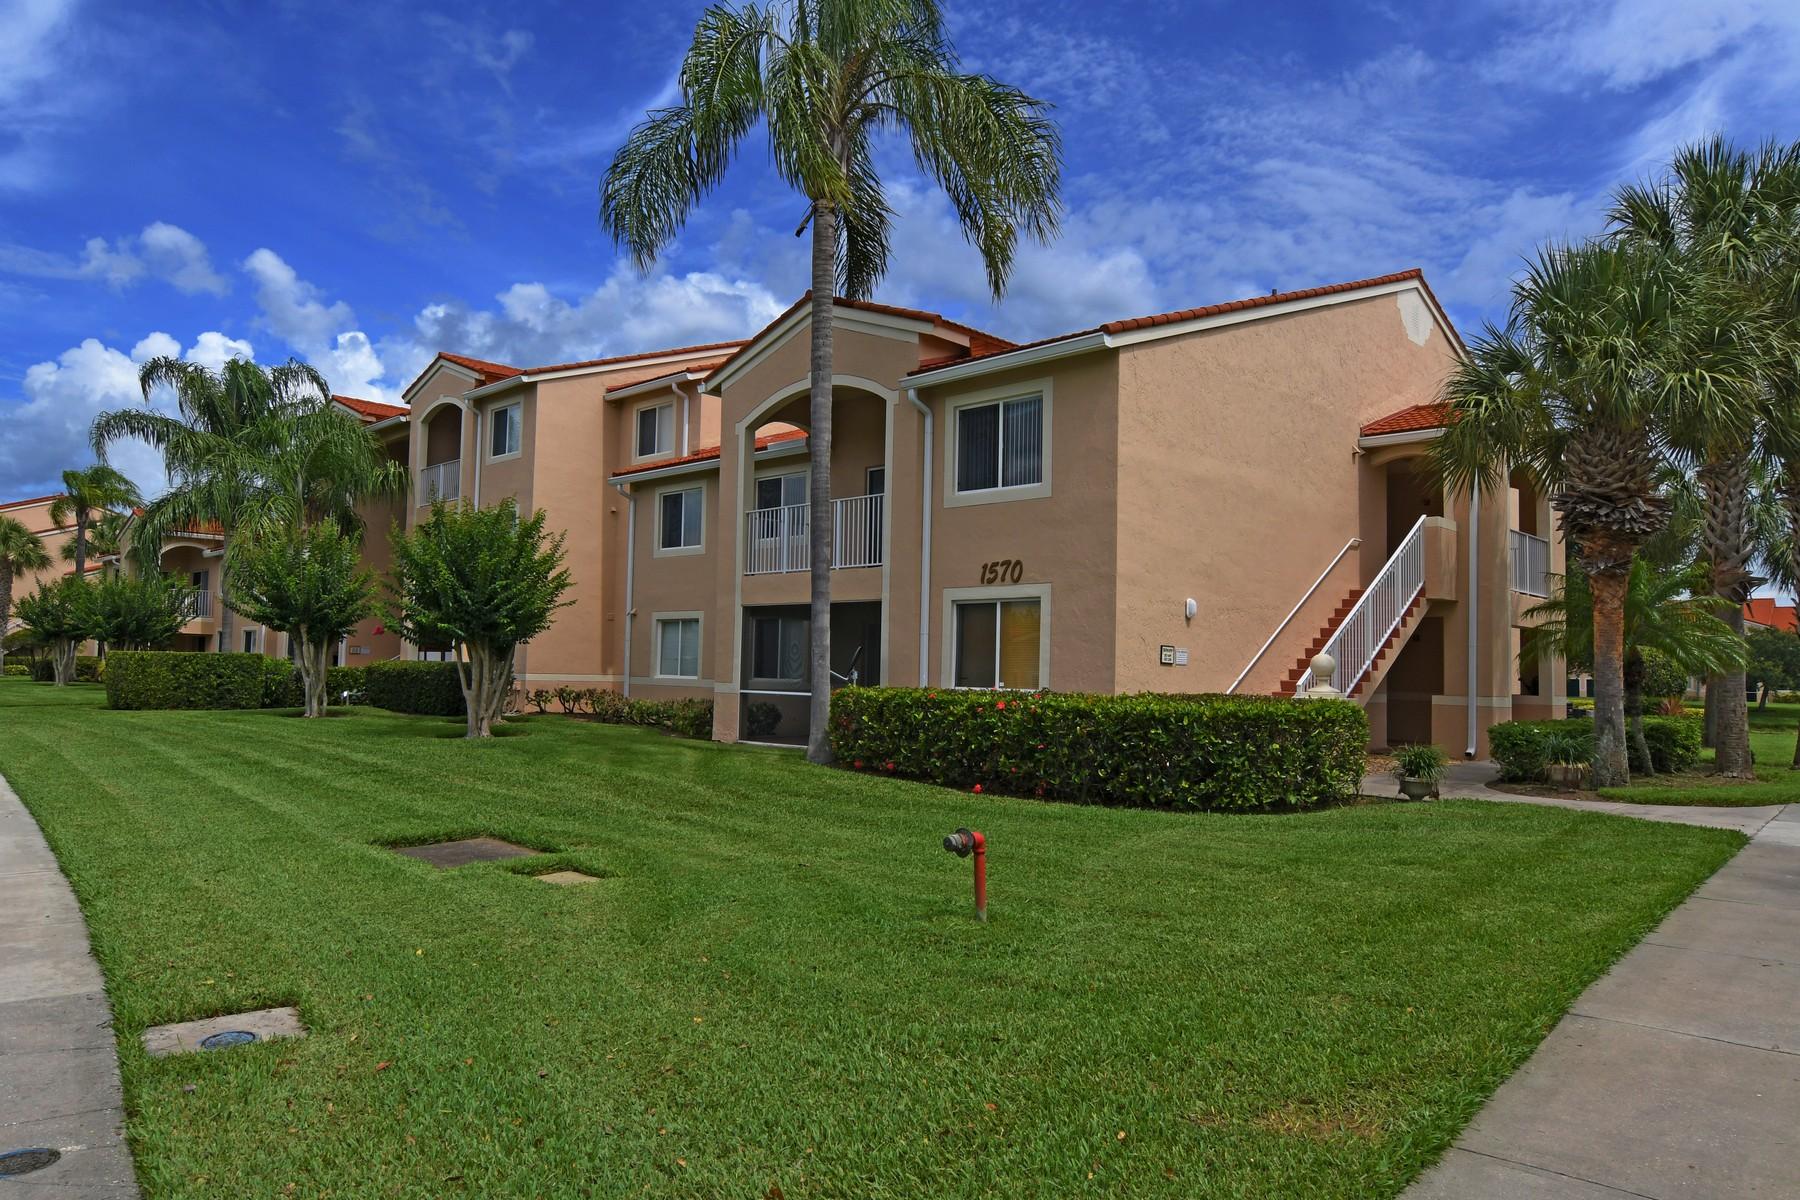 Copropriété pour l Vente à LAGUNA FIRST FLOOR CONDO 1570 S 42nd Circle #101 Vero Beach, Florida, 32967 États-Unis